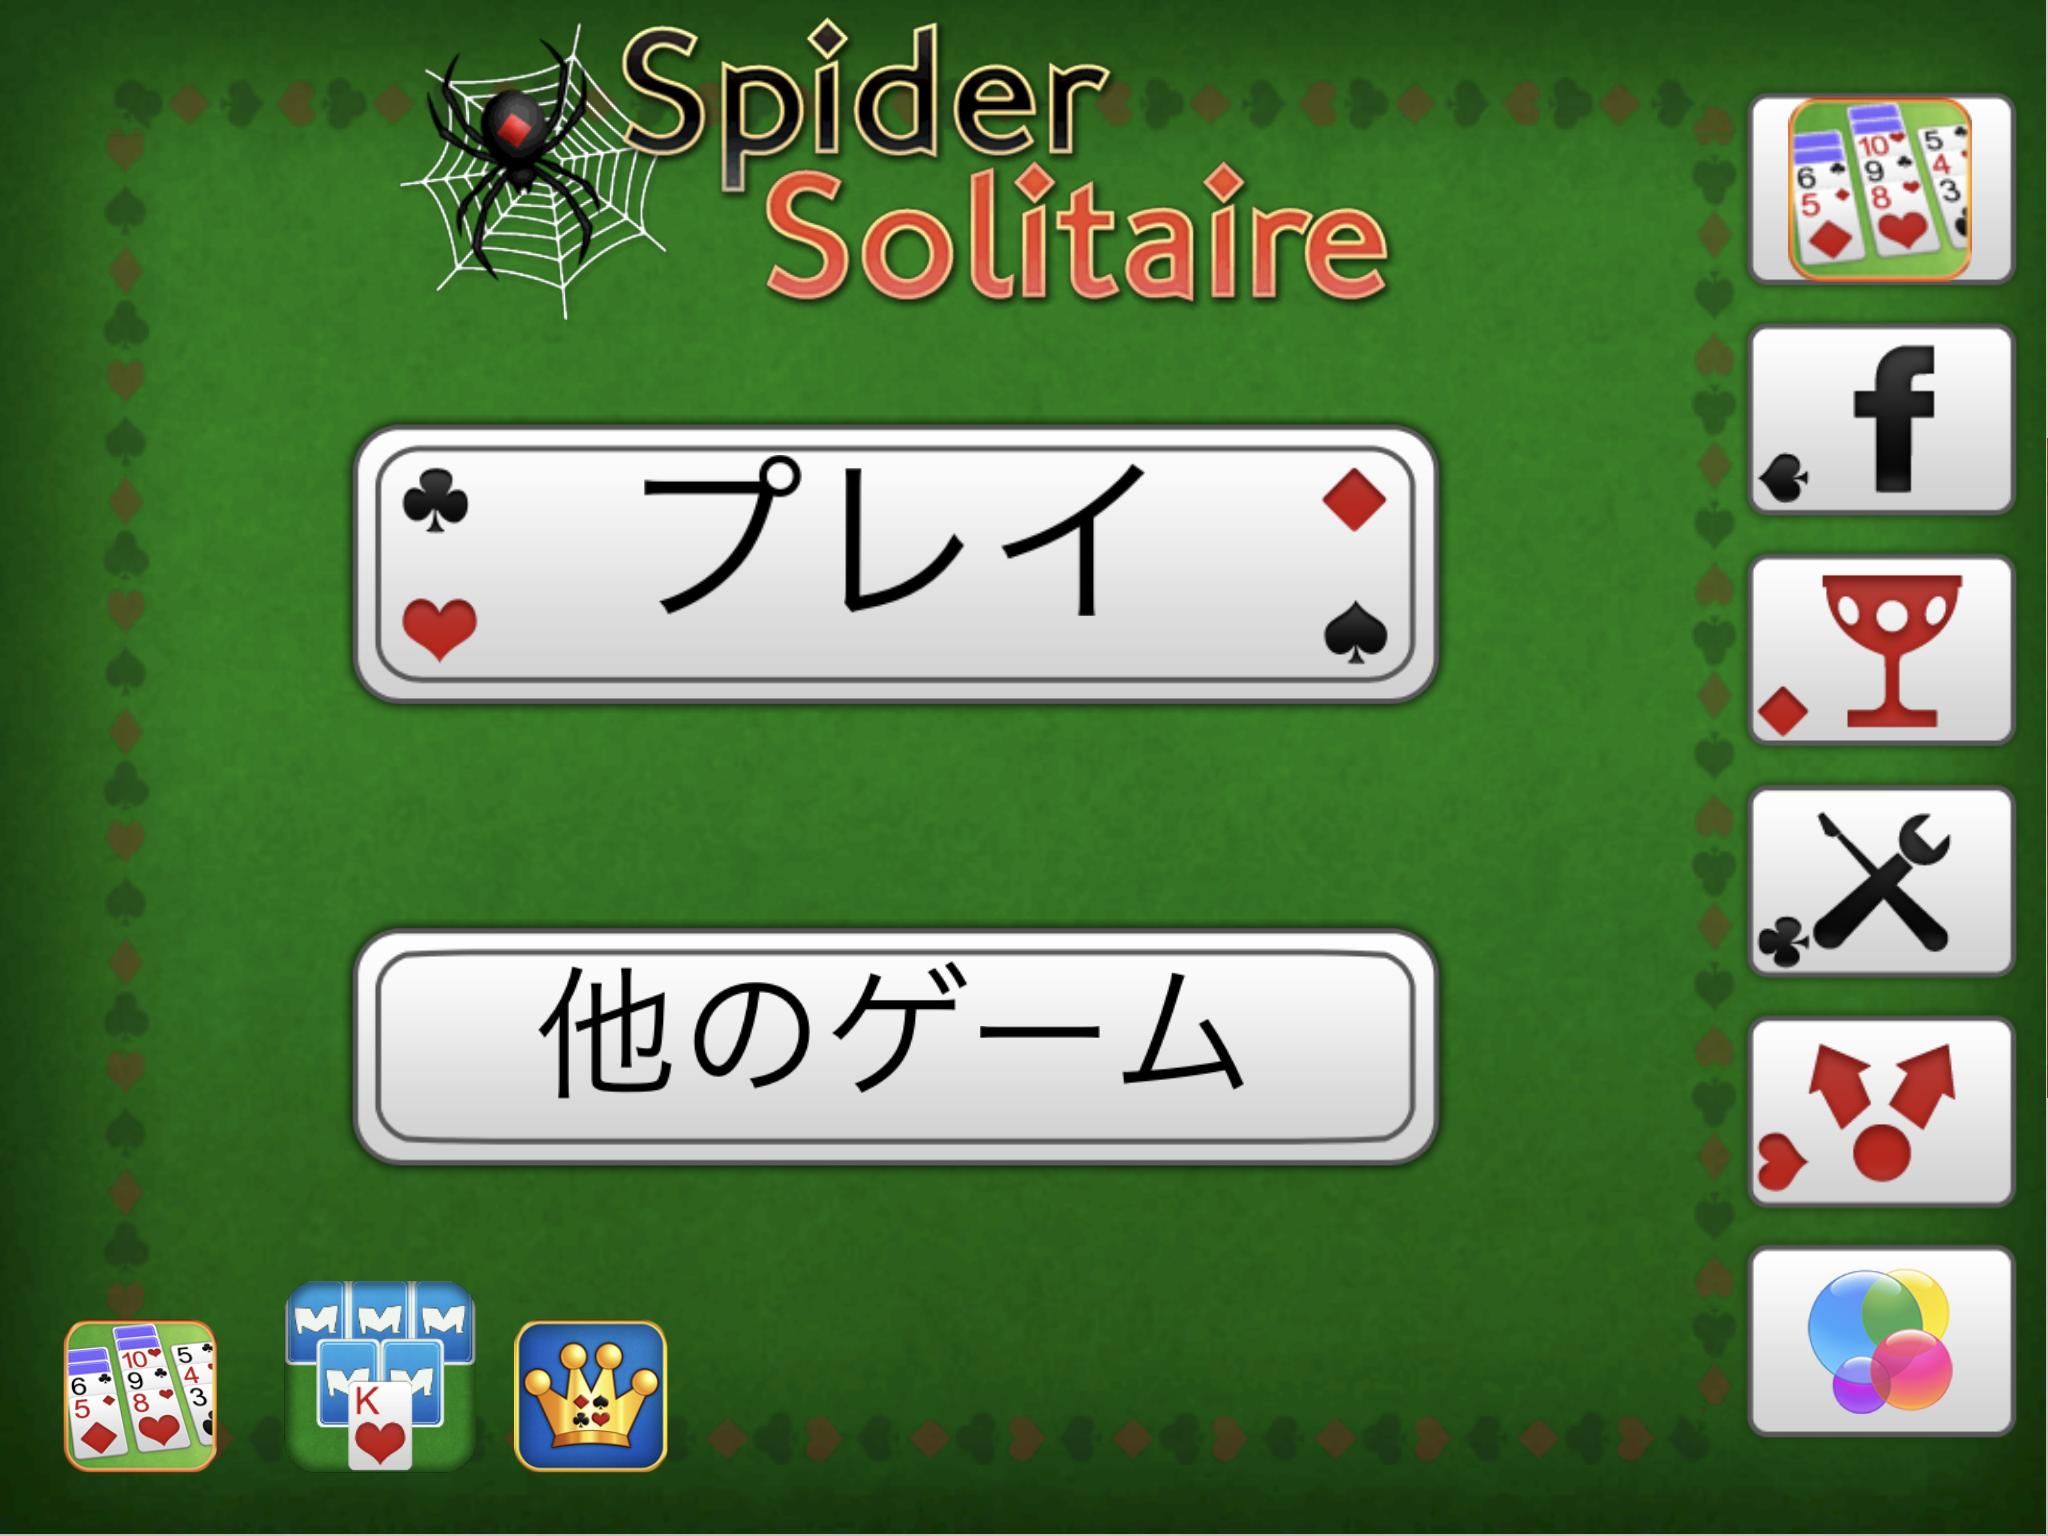 ソリティア スパイダー 無料 ゲーム